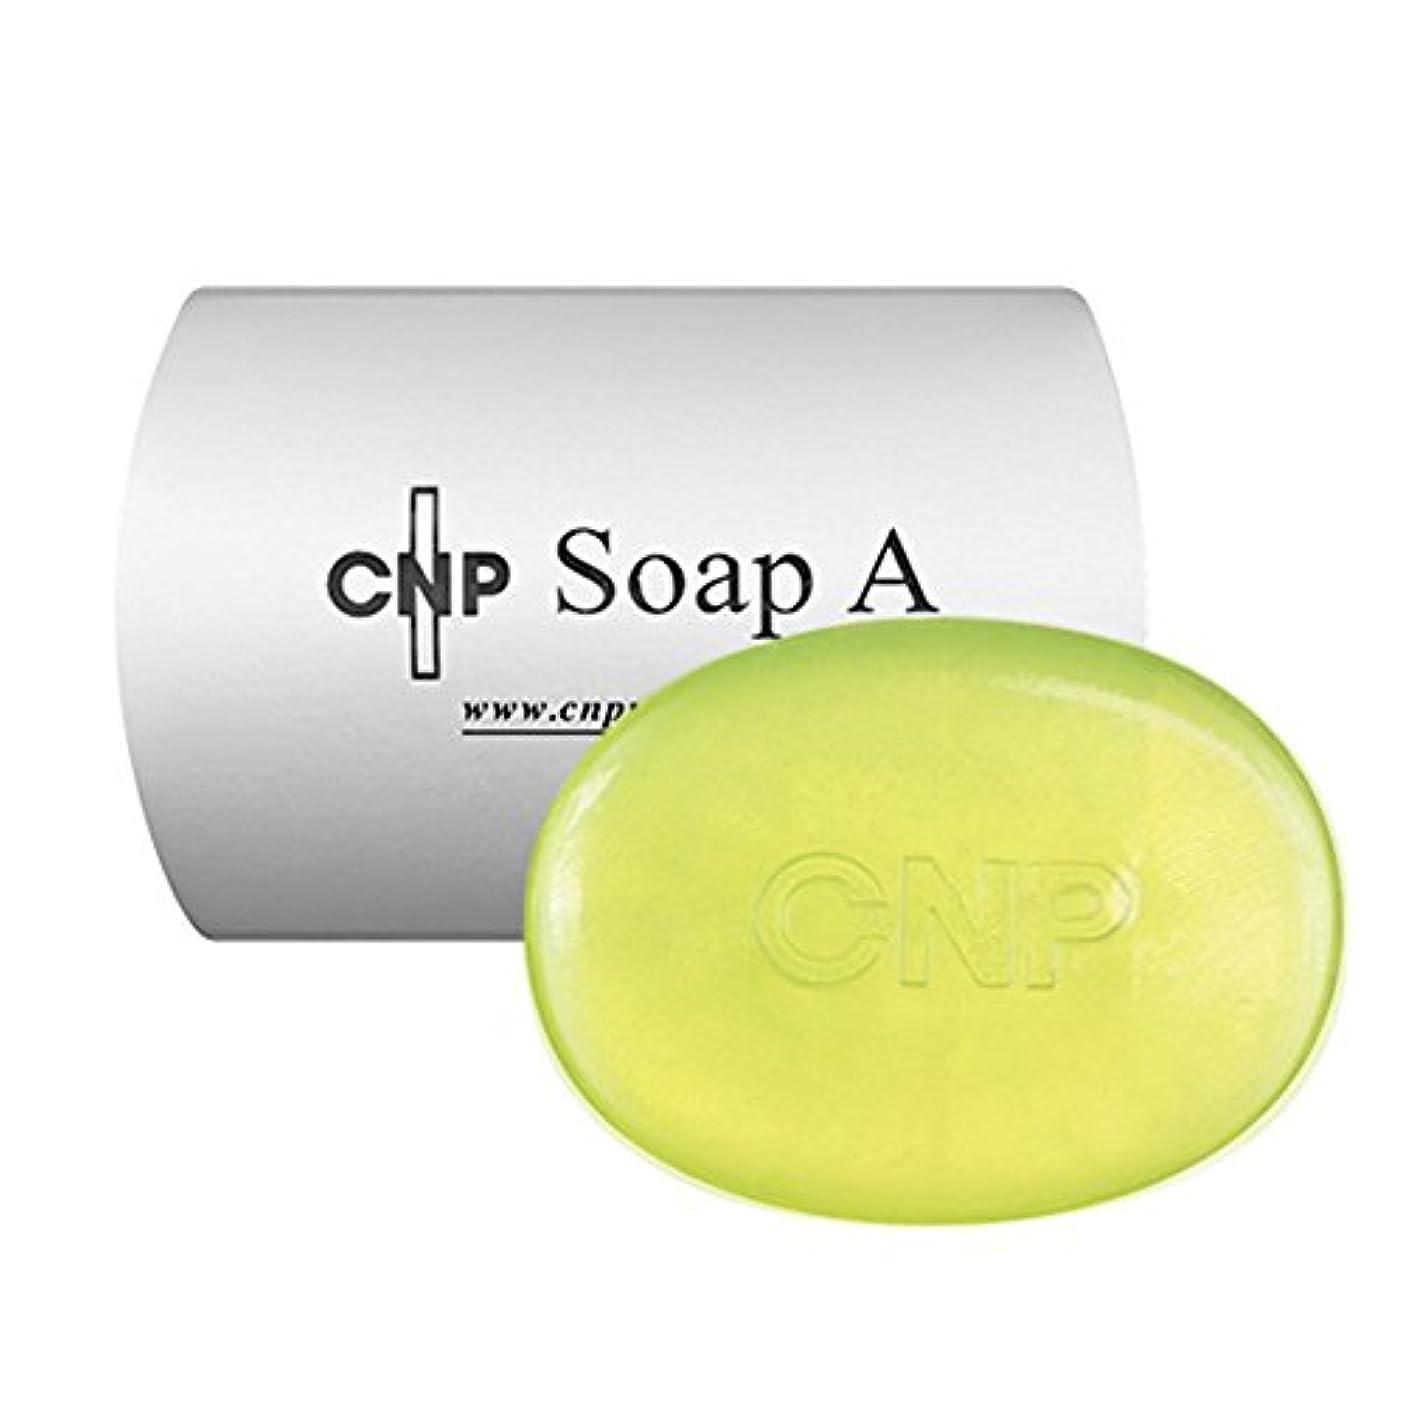 犯罪アコードゴールCNP Soap A チャアンドパク ソープ A [並行輸入品]